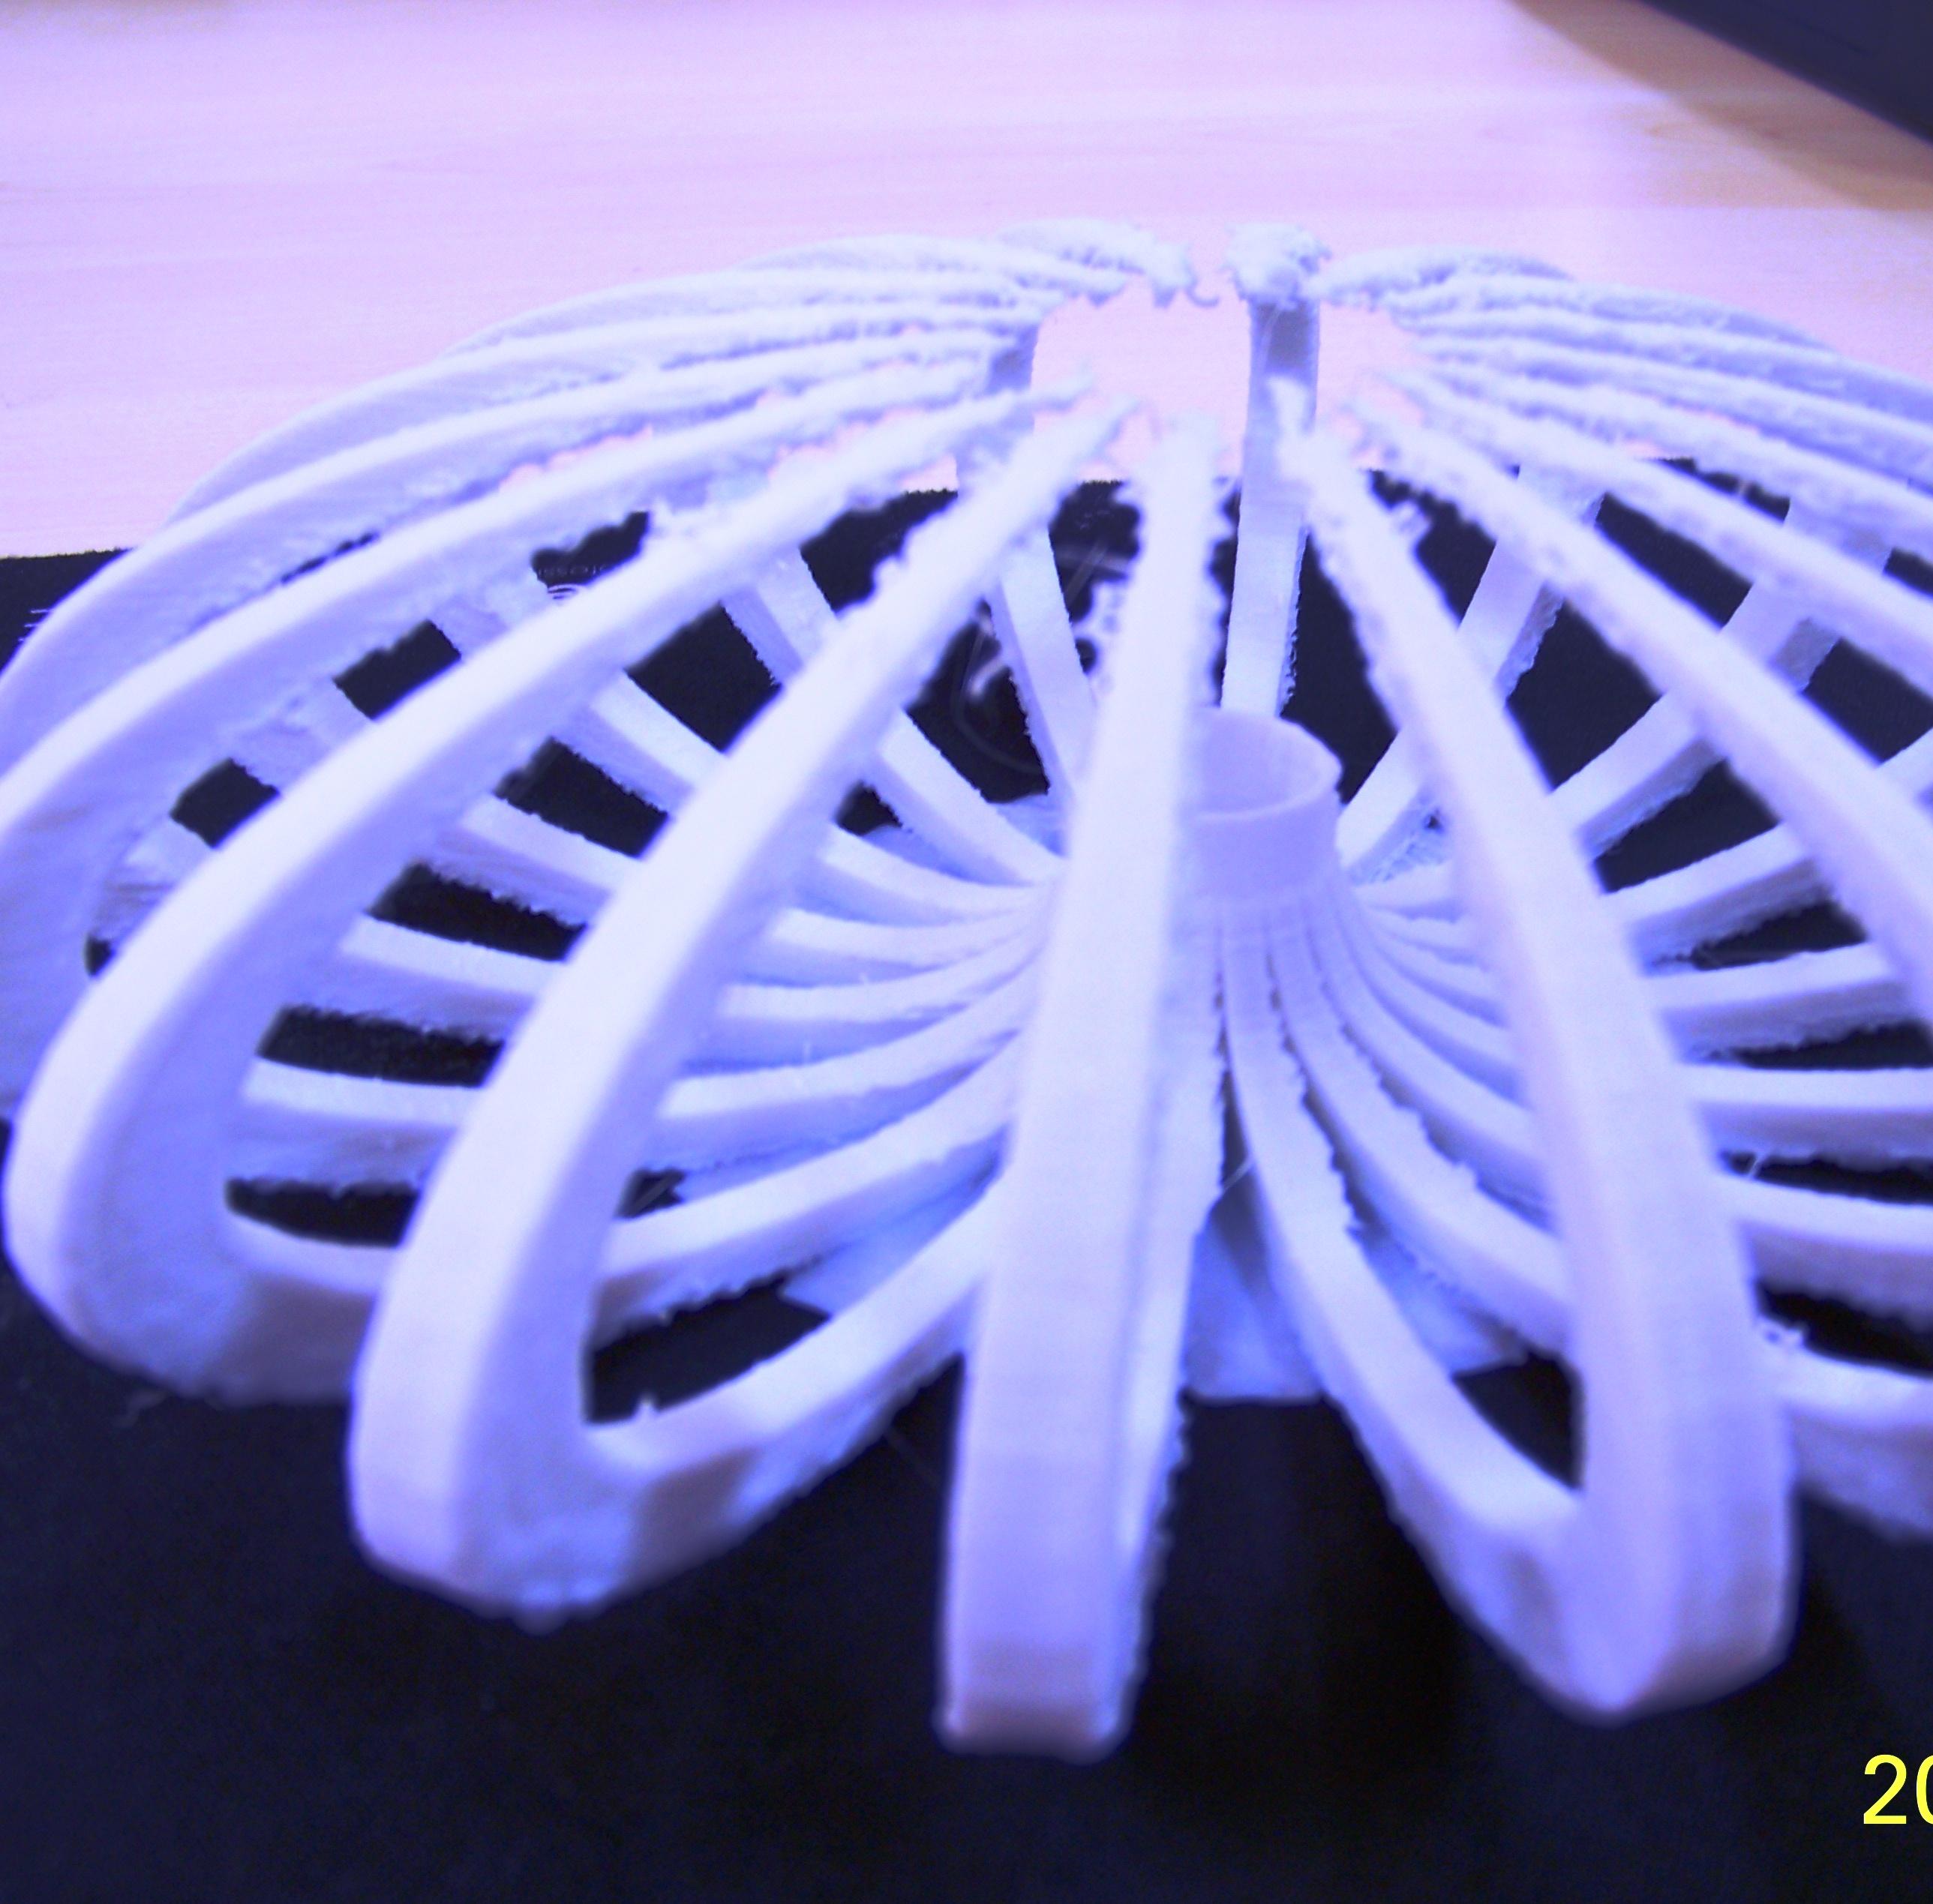 zhutai3D打印模型,zhutai3D模型下载,3D打印zhutai模型下载,zhutai3D模型,zhutaiSTL格式文件,zhutai3D打印模型免费下载,3D打印模型库